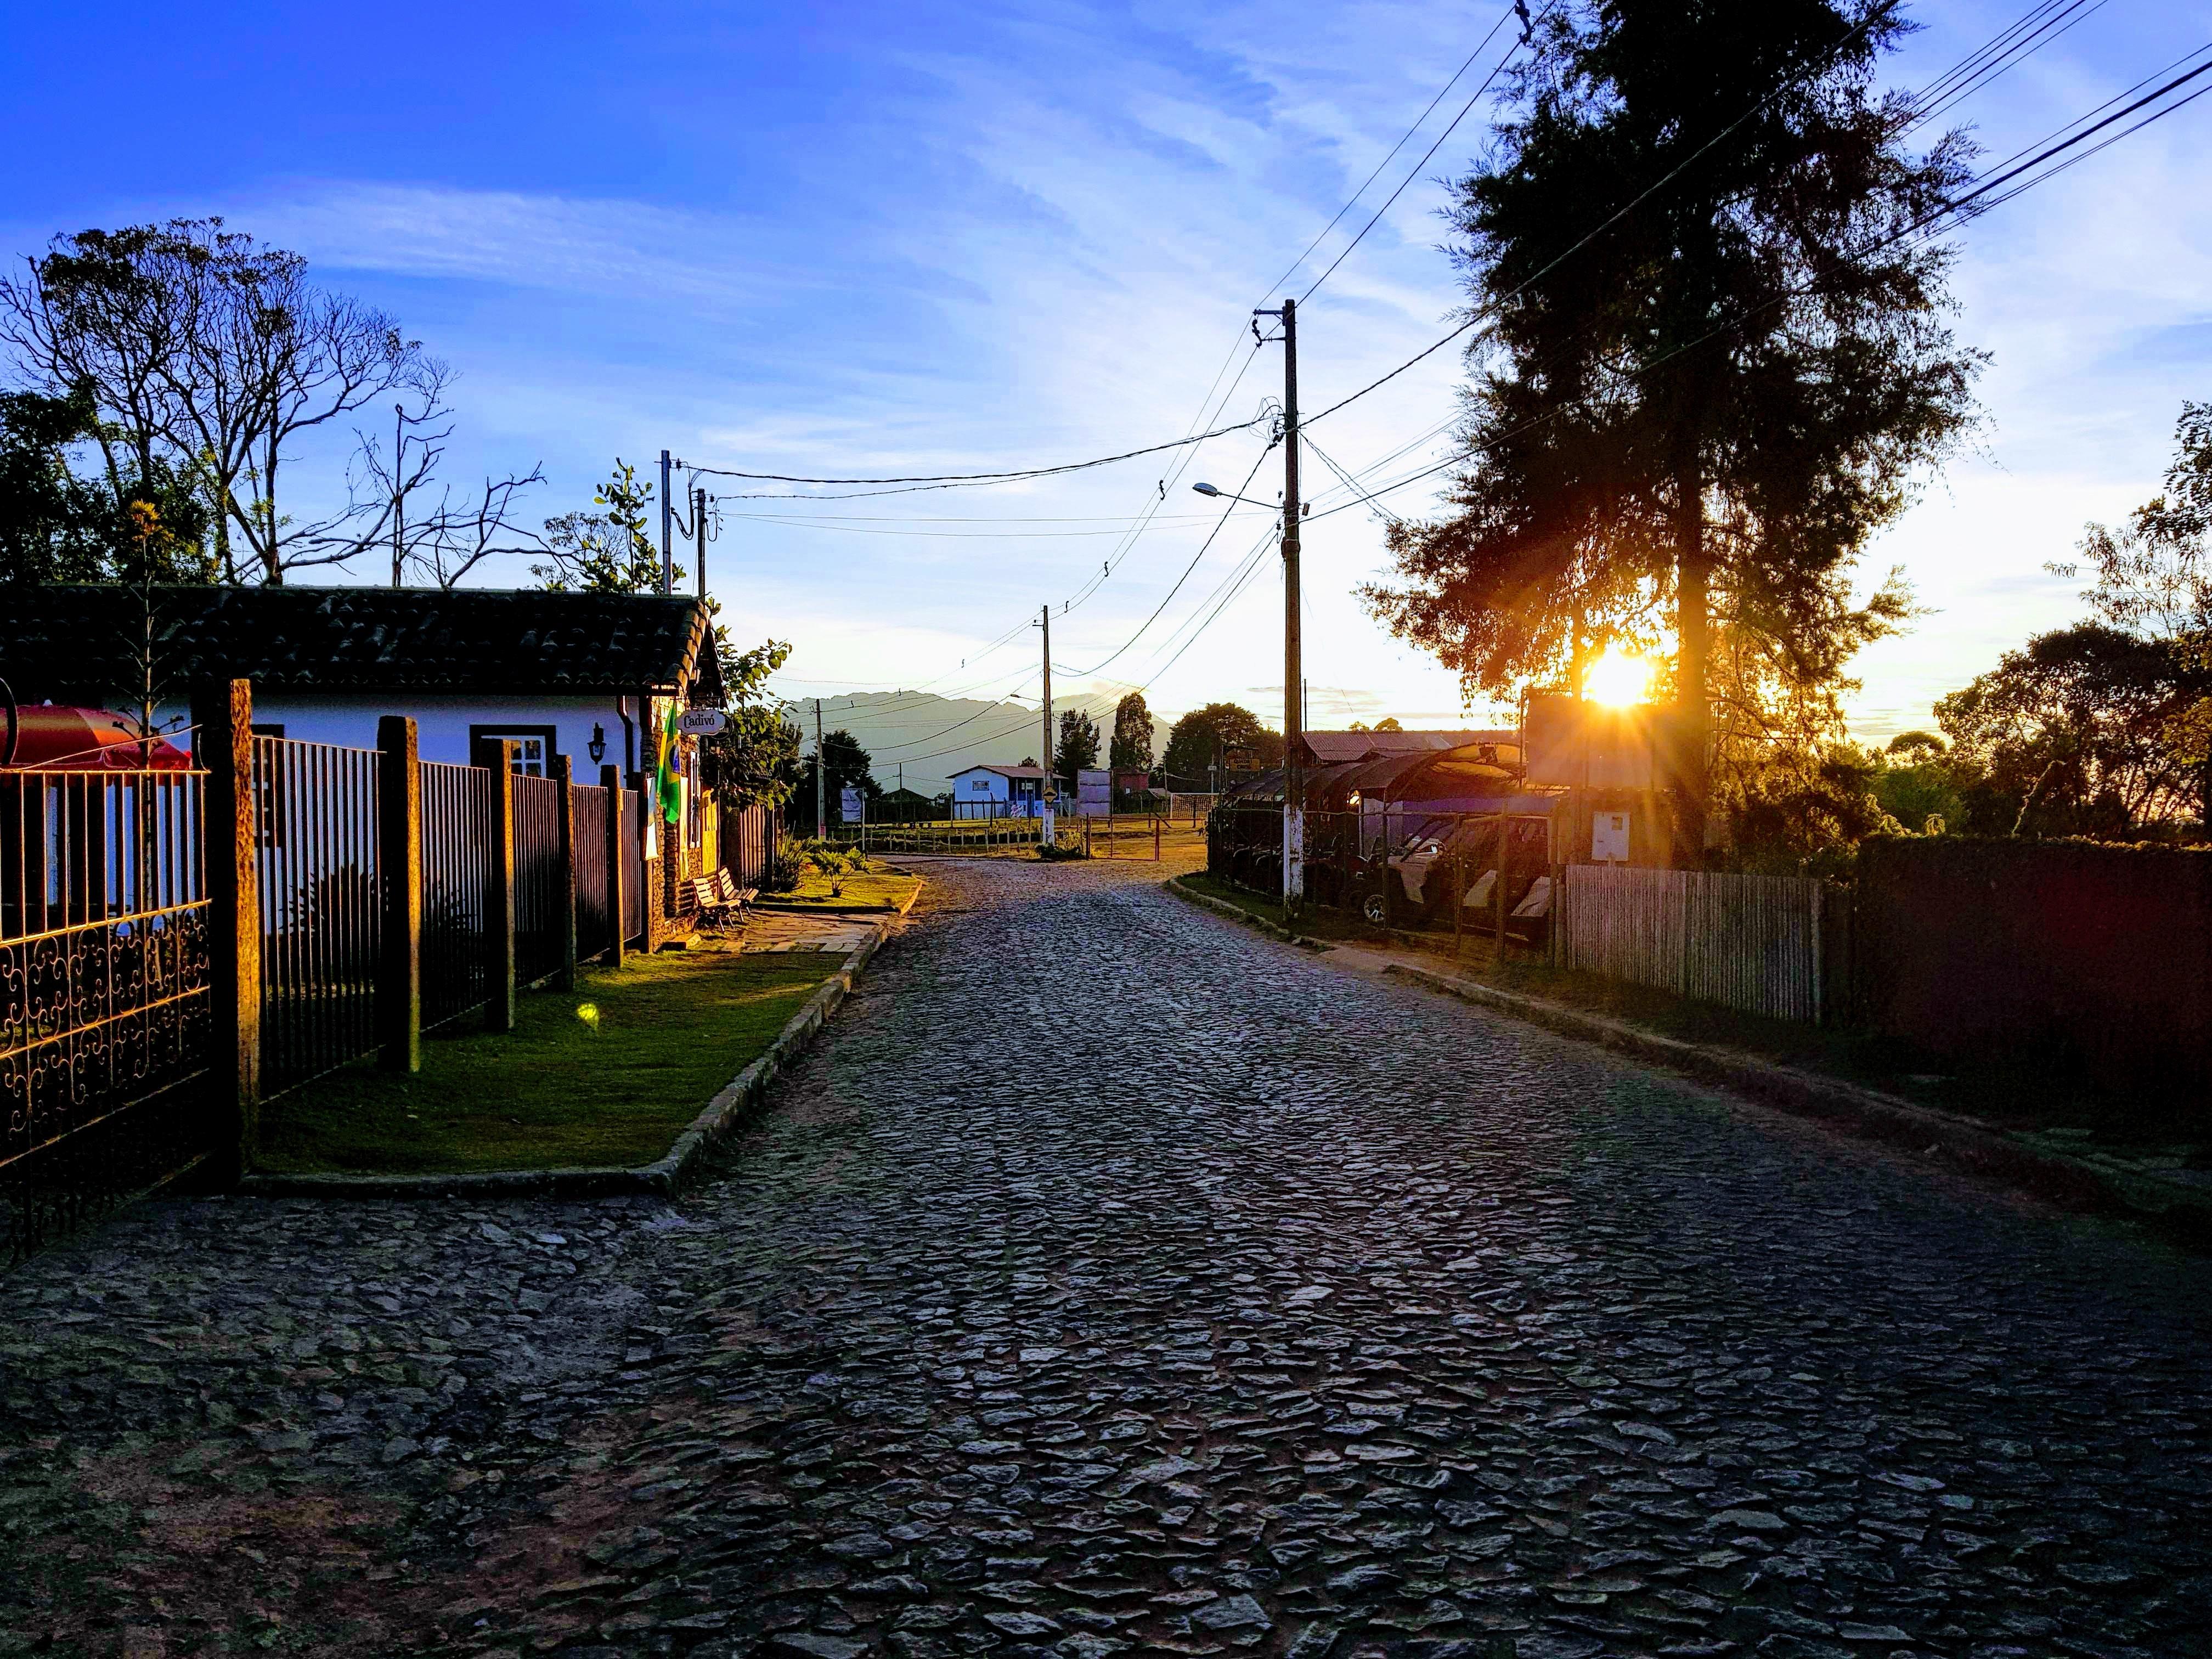 Rua da Pousada